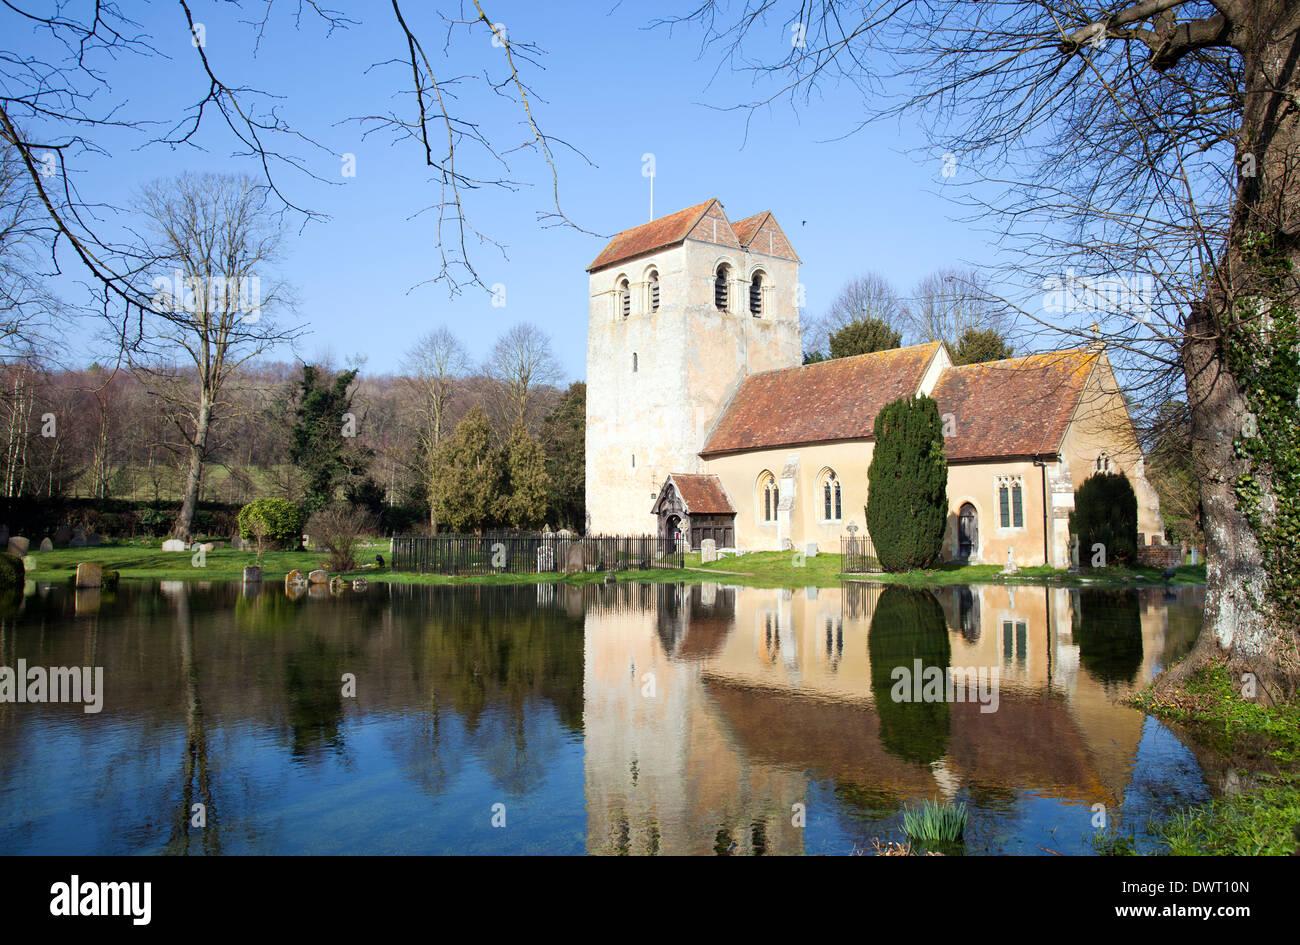 St Bartholomew Church in Fingest - Buckinghamshire - UK - Stock Image